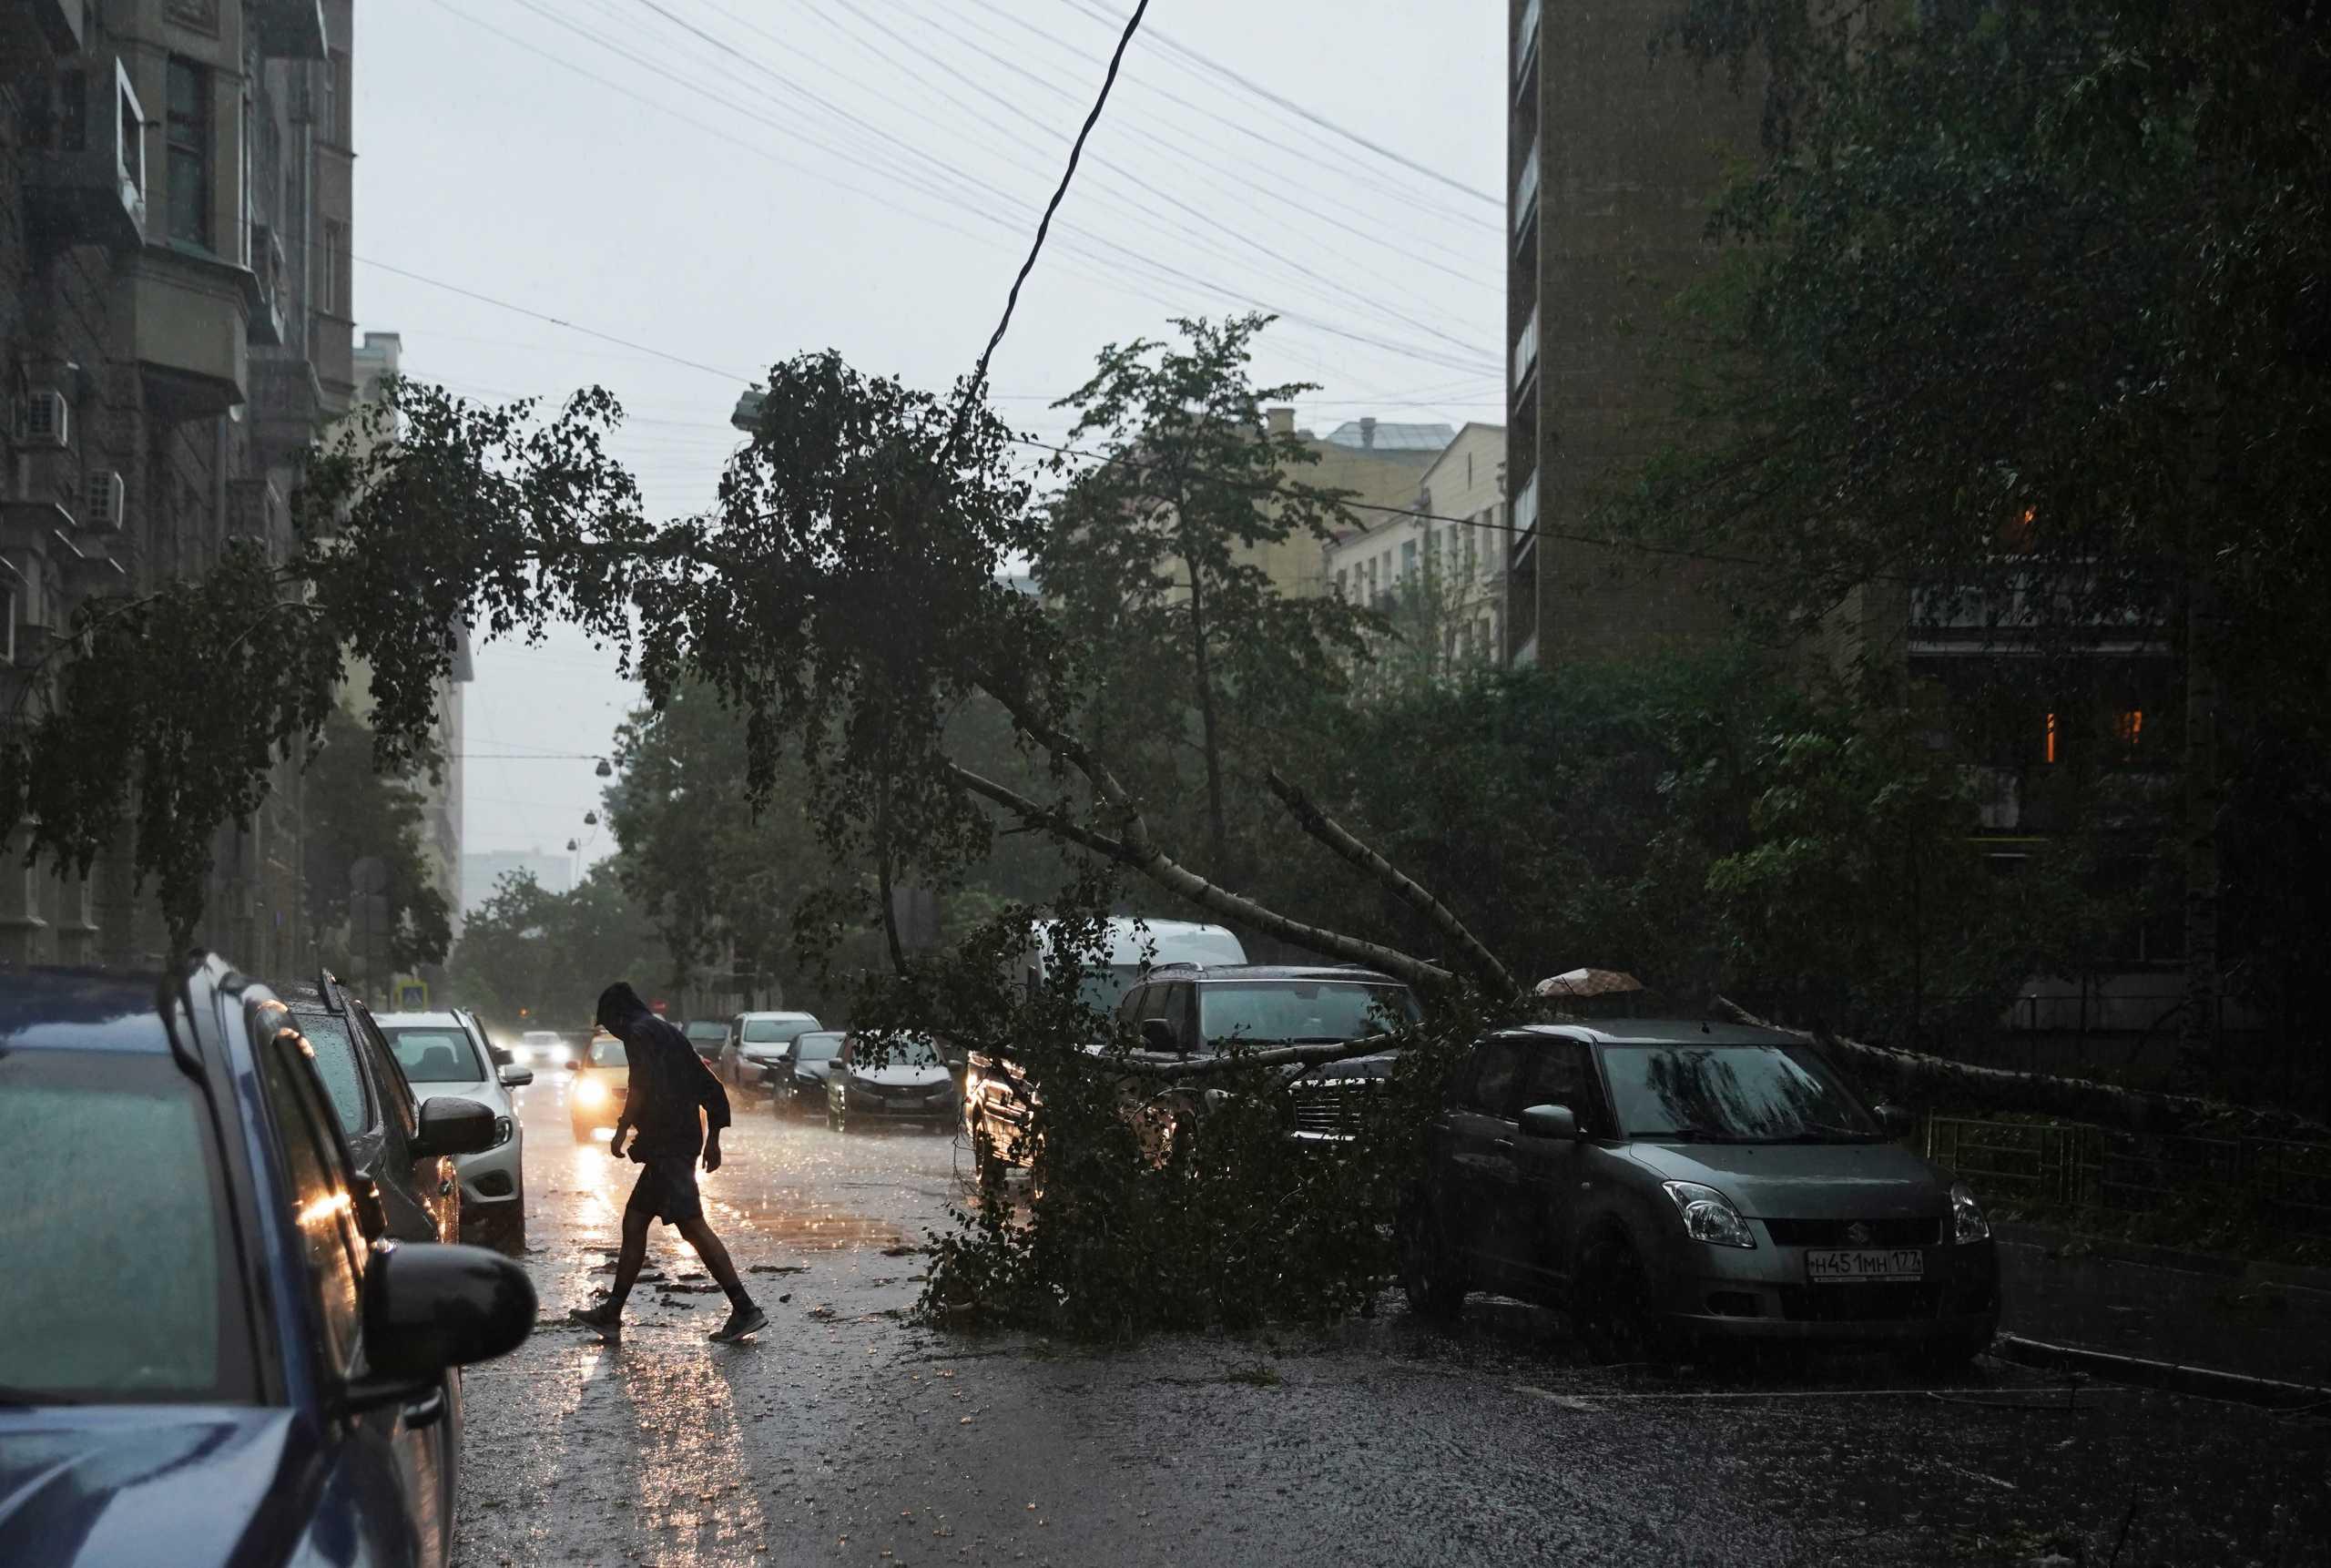 Καταρρακτώδεις βροχές πλημμύρισαν τους δρόμους της Μόσχας – Κατάρρευση στέγης στην κάμερα